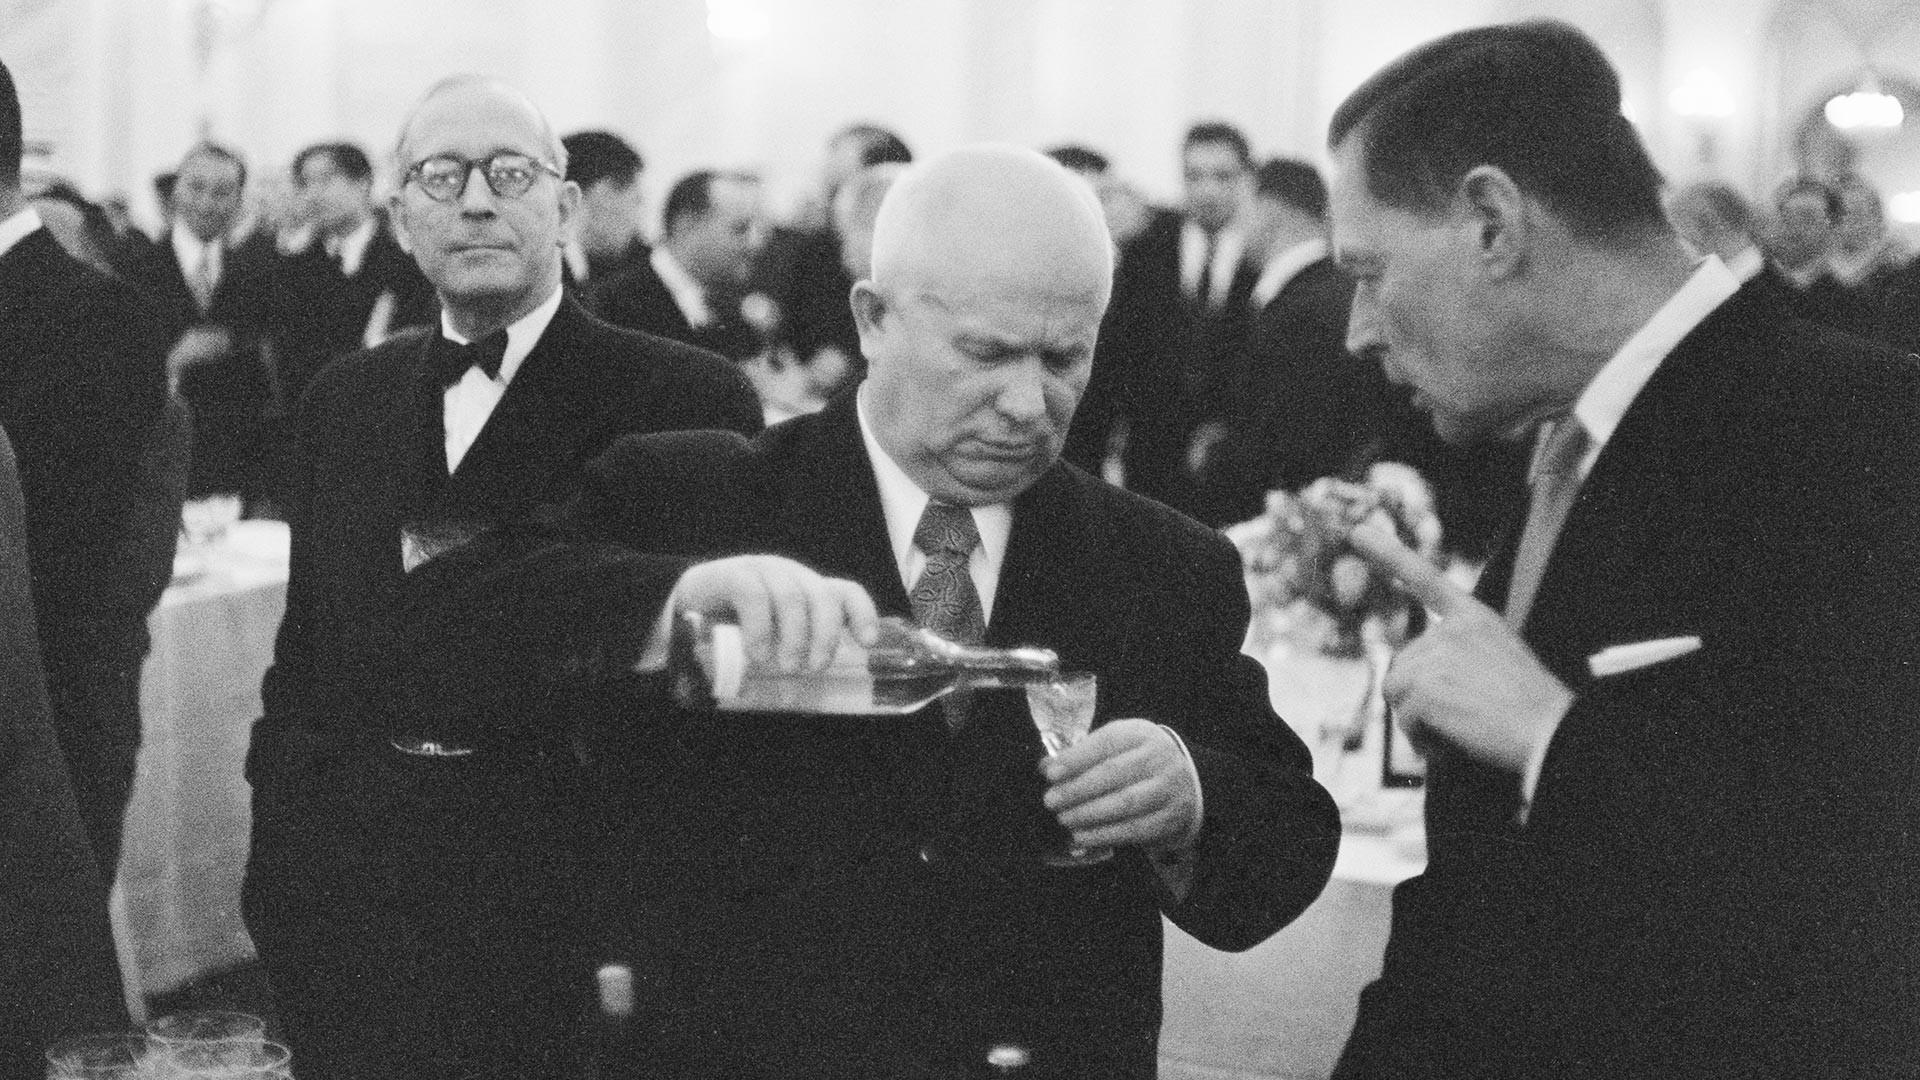 Nikita Khrushchev minum dengan Charles E. Bohlen, Duta Besar AS untuk Uni Soviet, pada acara resmi, 1955.